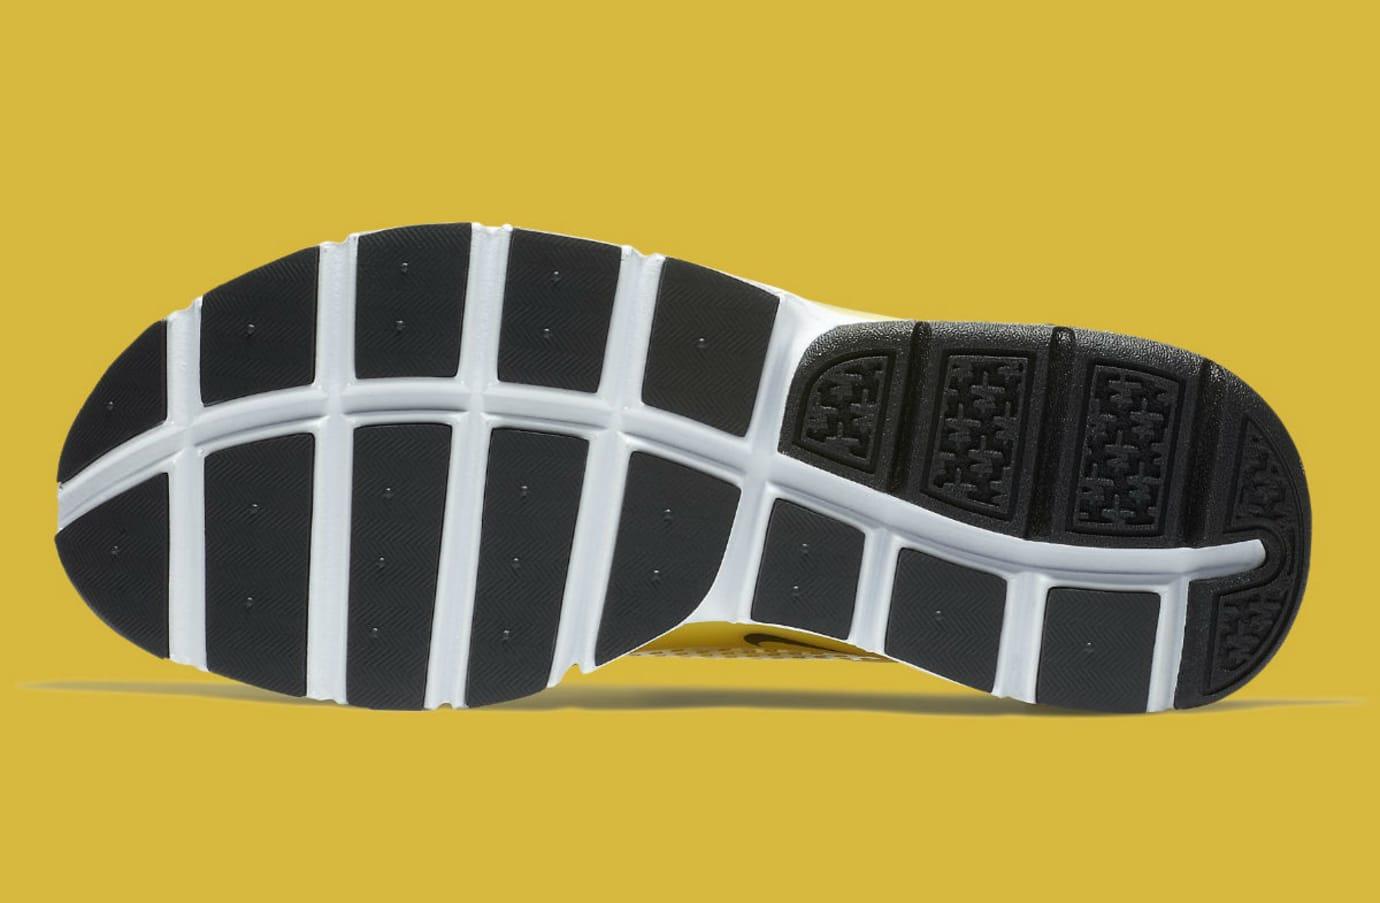 Nike N7 Sock Dart Release Date Sole 908660-117